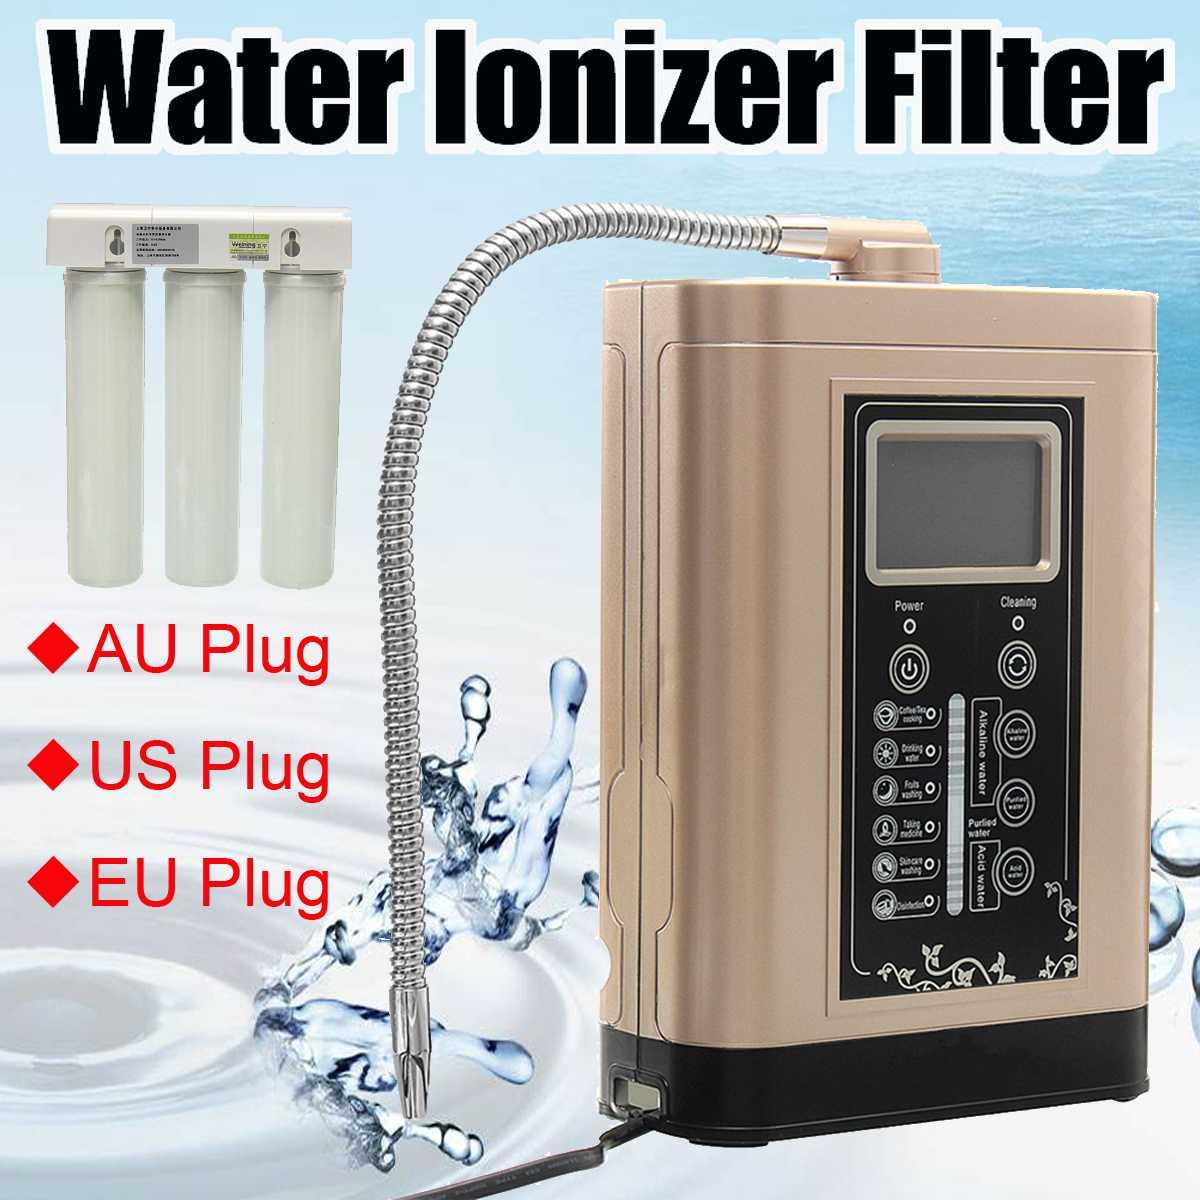 Máquina Alcalina Ionizador Purificador De água Filtro de Águas Ácidas Controle de Toque do LCD